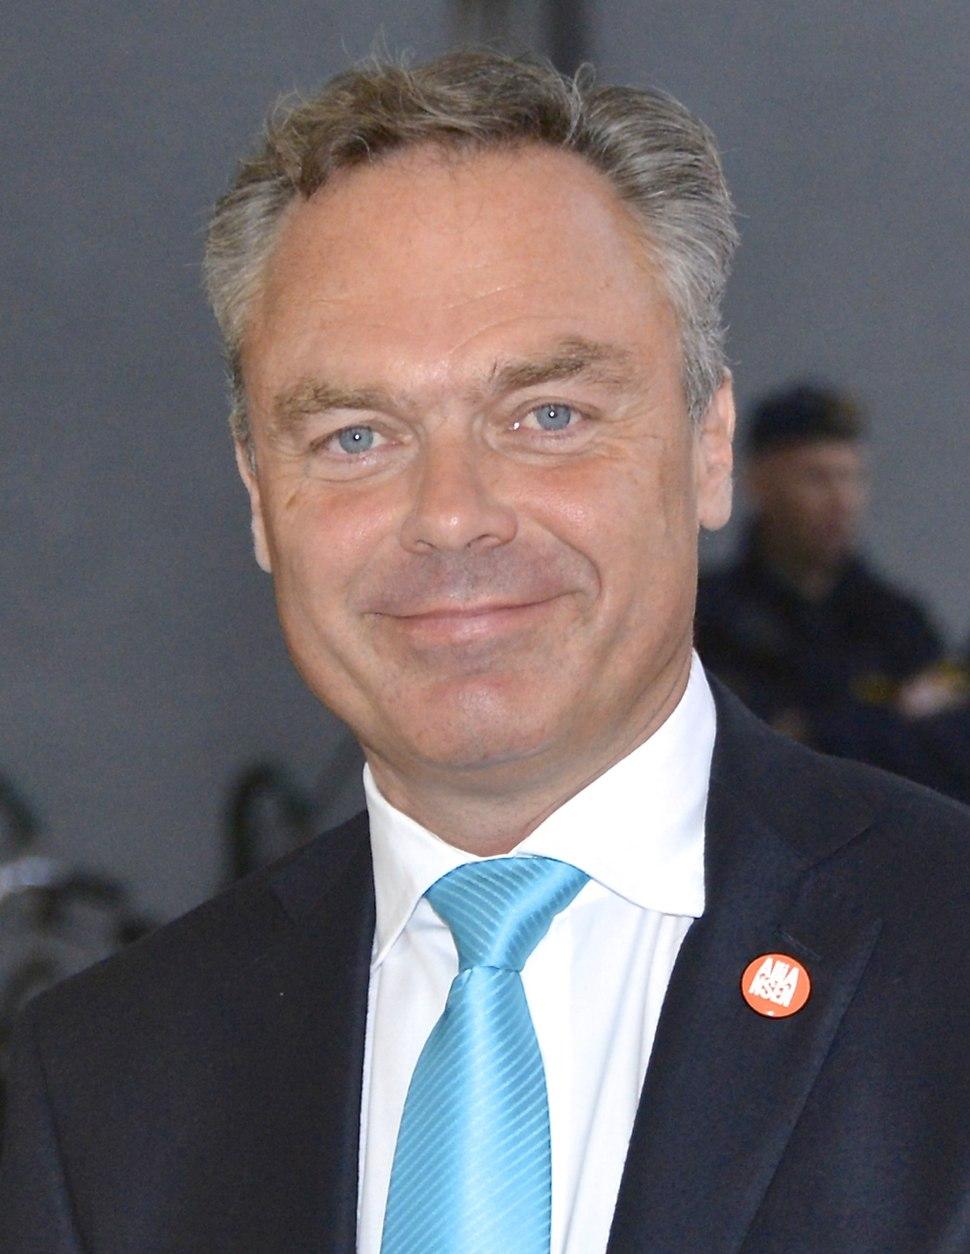 Jan Björklund in Sept 2014